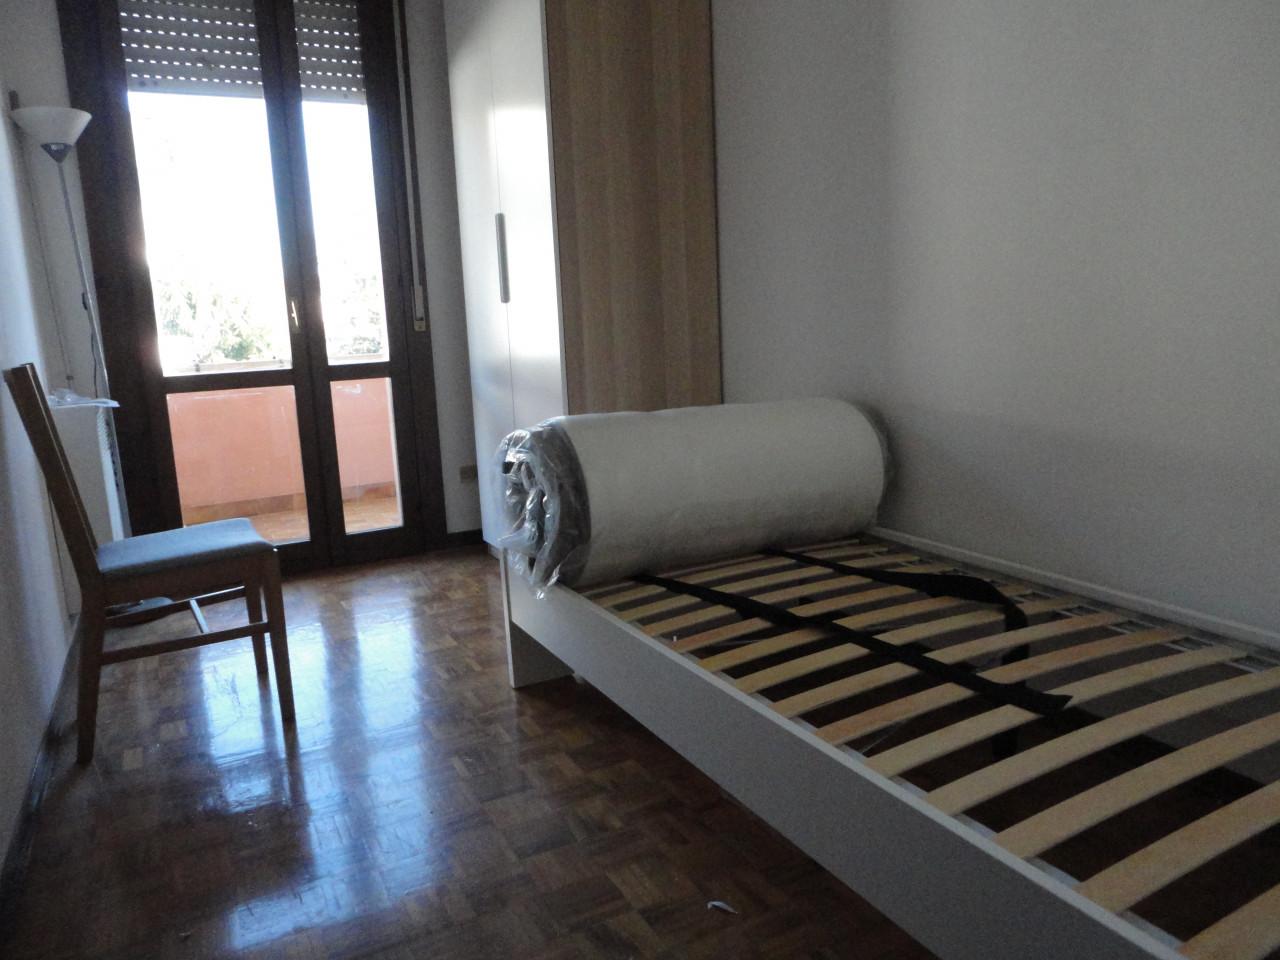 L495 Appartamento bicamere con terrazzo in affitto a Montegrotto Terme https://media.gestionaleimmobiliare.it/foto/annunci/190604/2014770/1280x1280/014__dsc04817.jpg